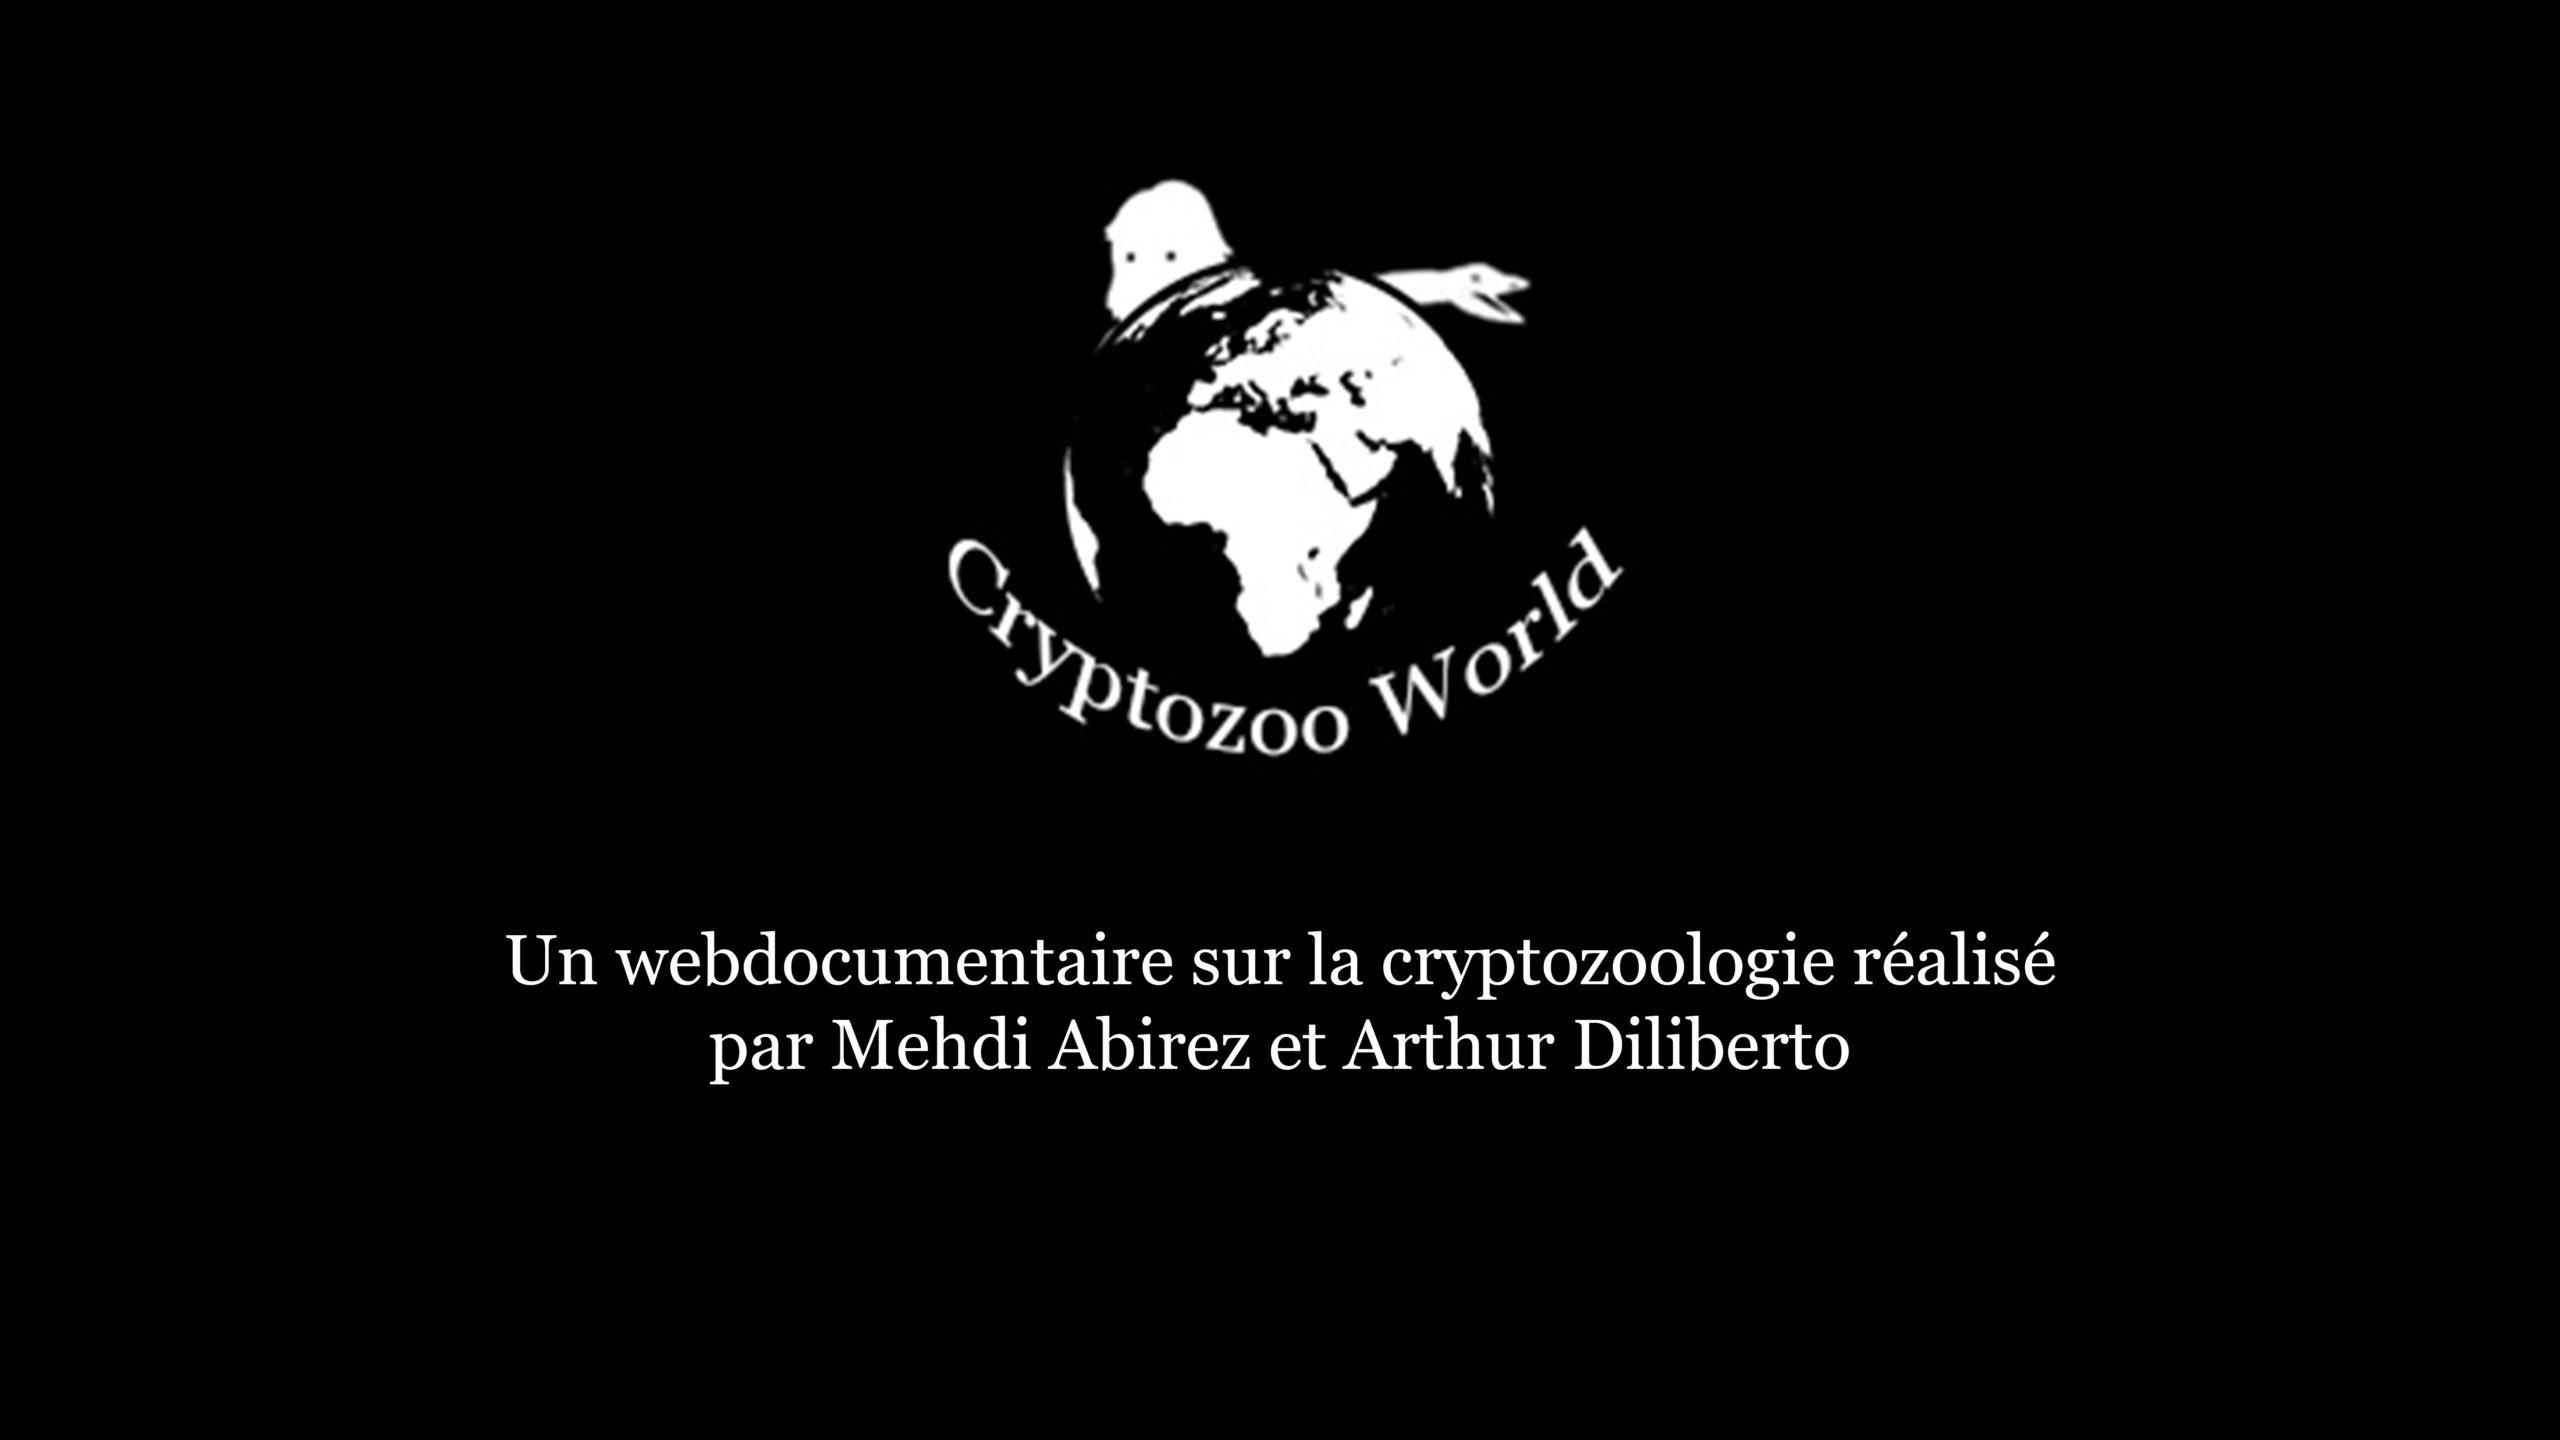 Cryptides, késaco ? Yéti, bigfoot, mokélé mbembé, coelacanthe, cela vous parle ? Pour en savoir plus, rendez-vous à Cryptozooworld avec Mehdi Abirez et Arthur Diliberto